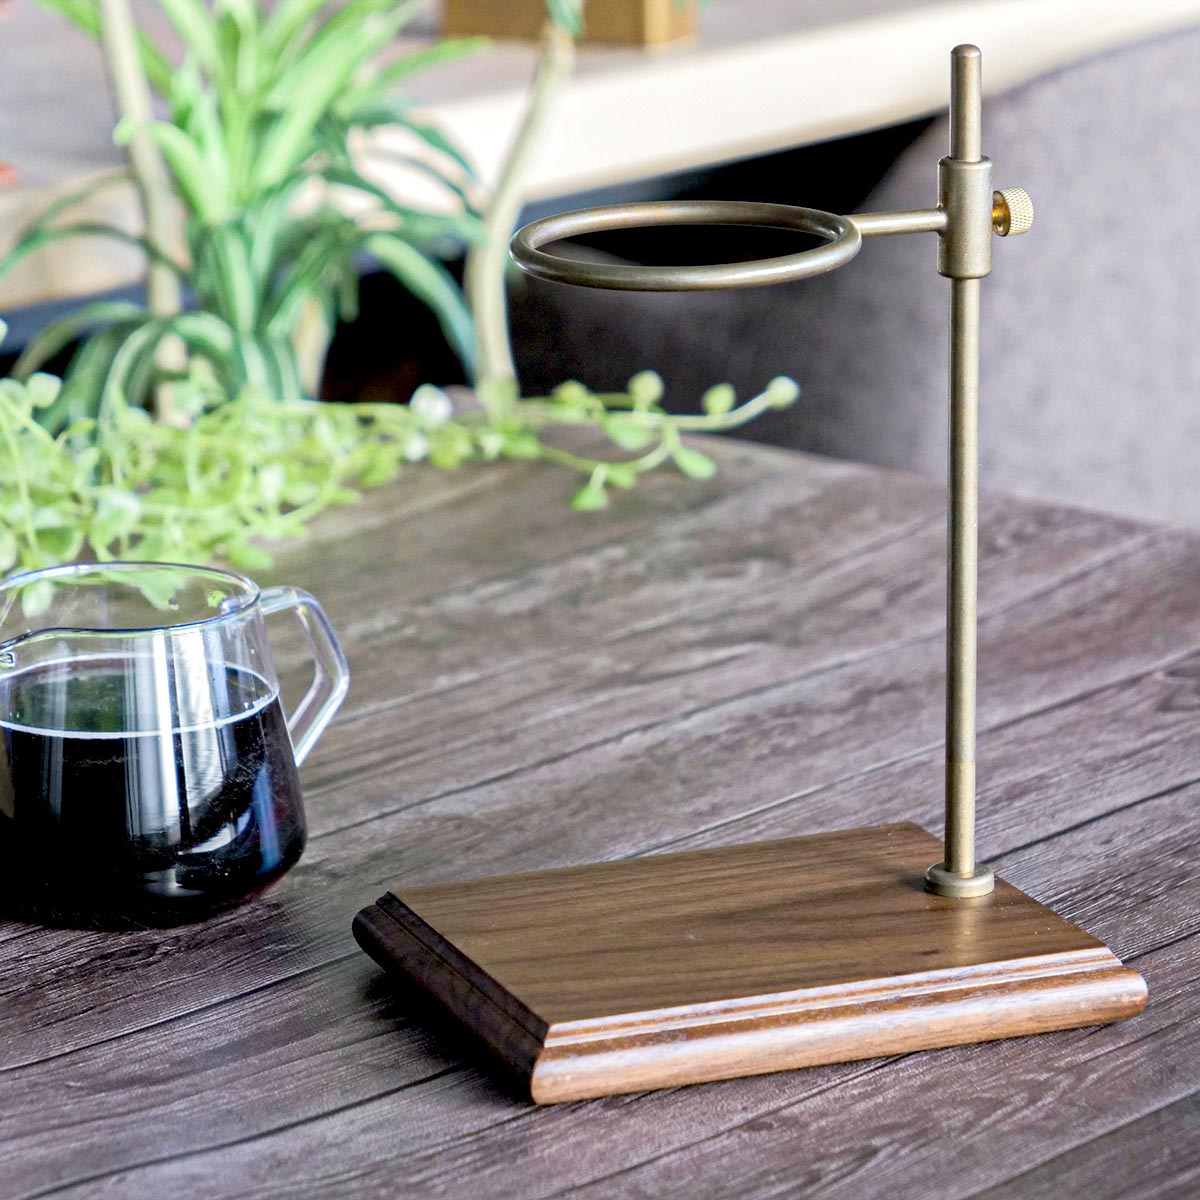 コーヒーメーカー SLOW COFFEE STYLE Specialty ブリューワースタンドセット 4cups ( 送料無料 コーヒードリッパー ガラス製 ブリュワー 食洗機対応 4cup 4カップ用 コーヒーウェア KINTO キントー )